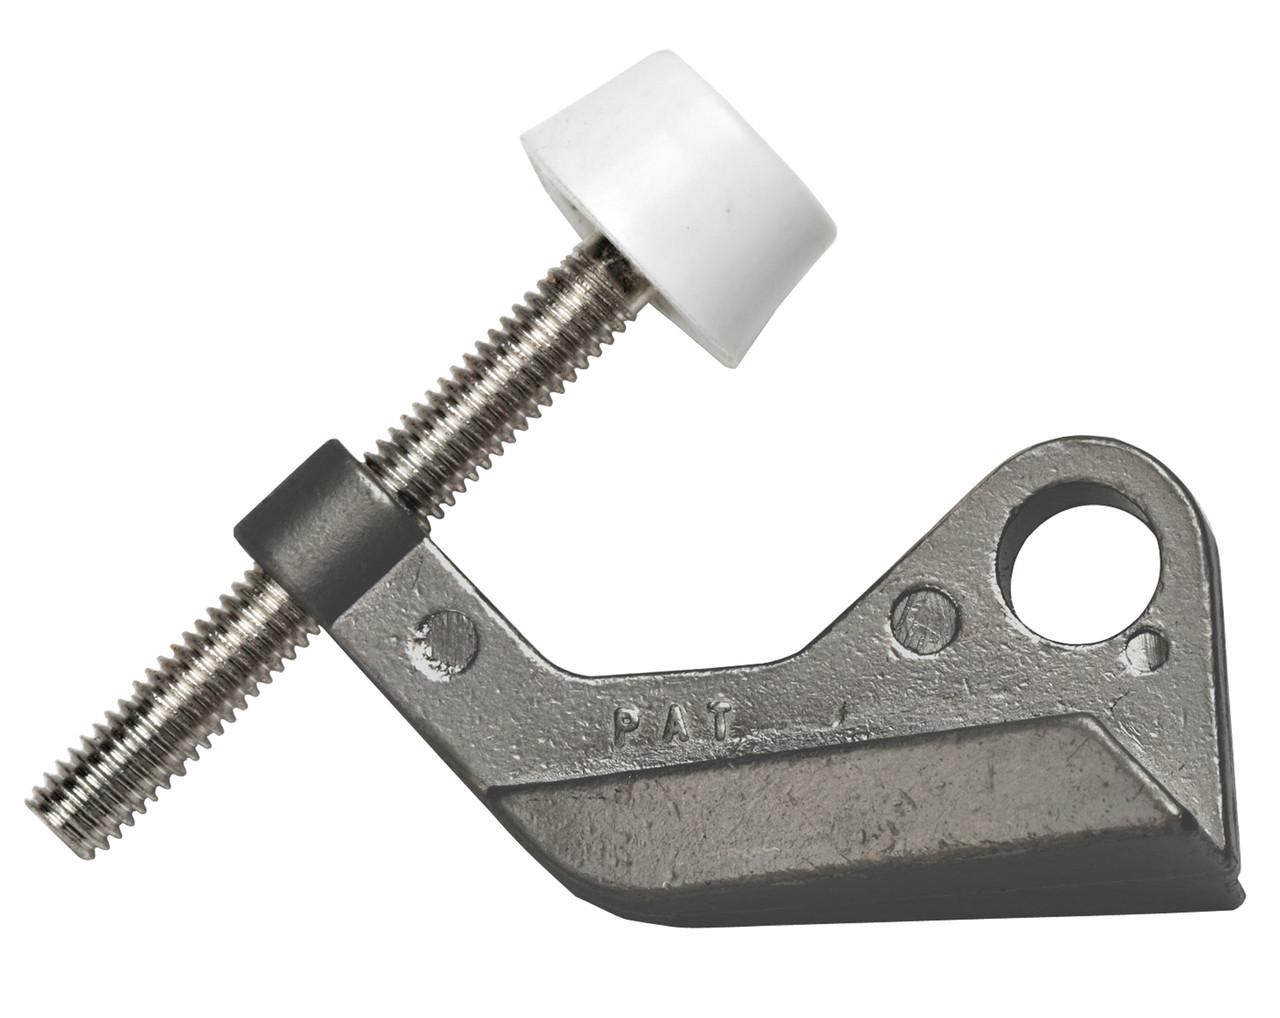 Ives Hinge Pin Stops Hinge Pin Door Stops Door Saver For